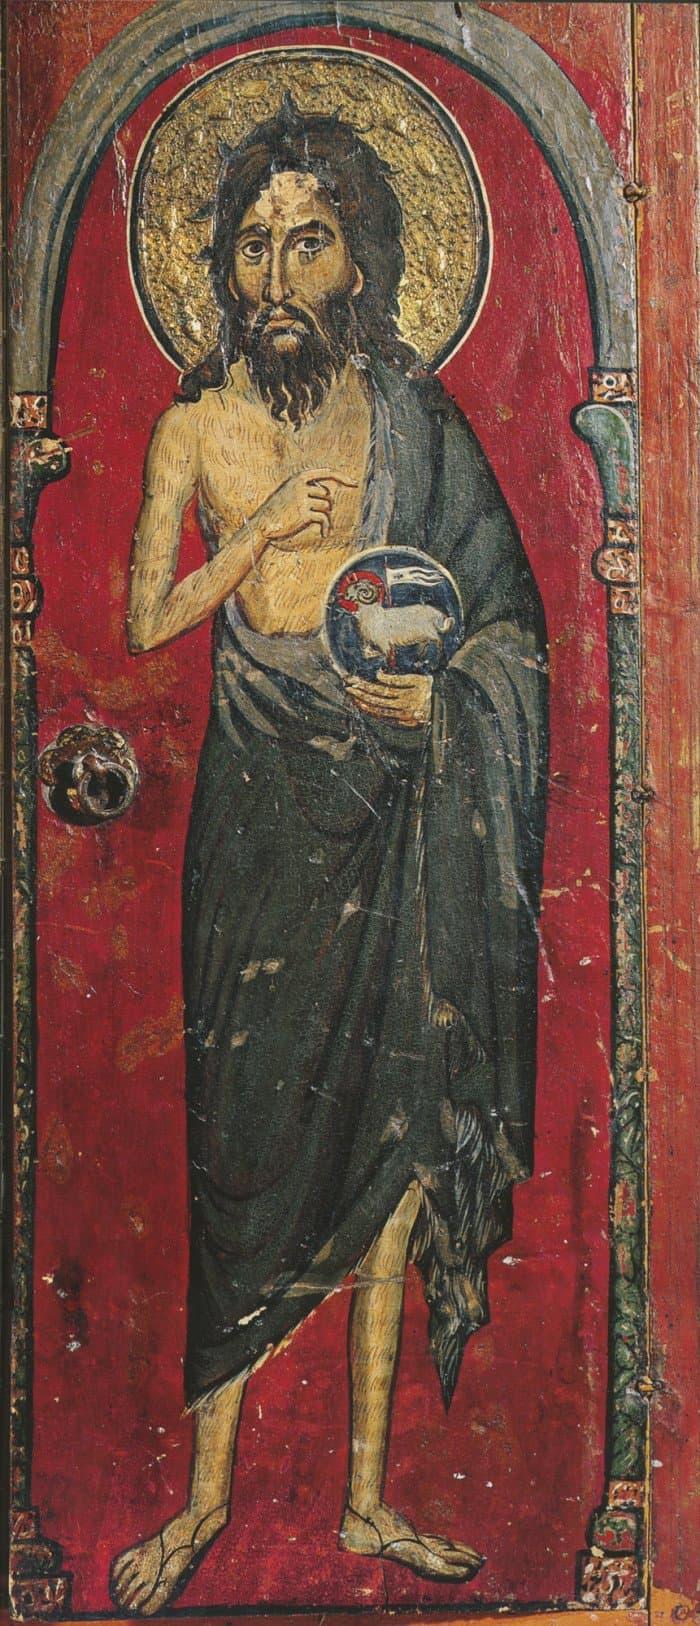 Иоанн Креститель. Византия. XIII в. Египет. Синай, монастырь св. Екатерины